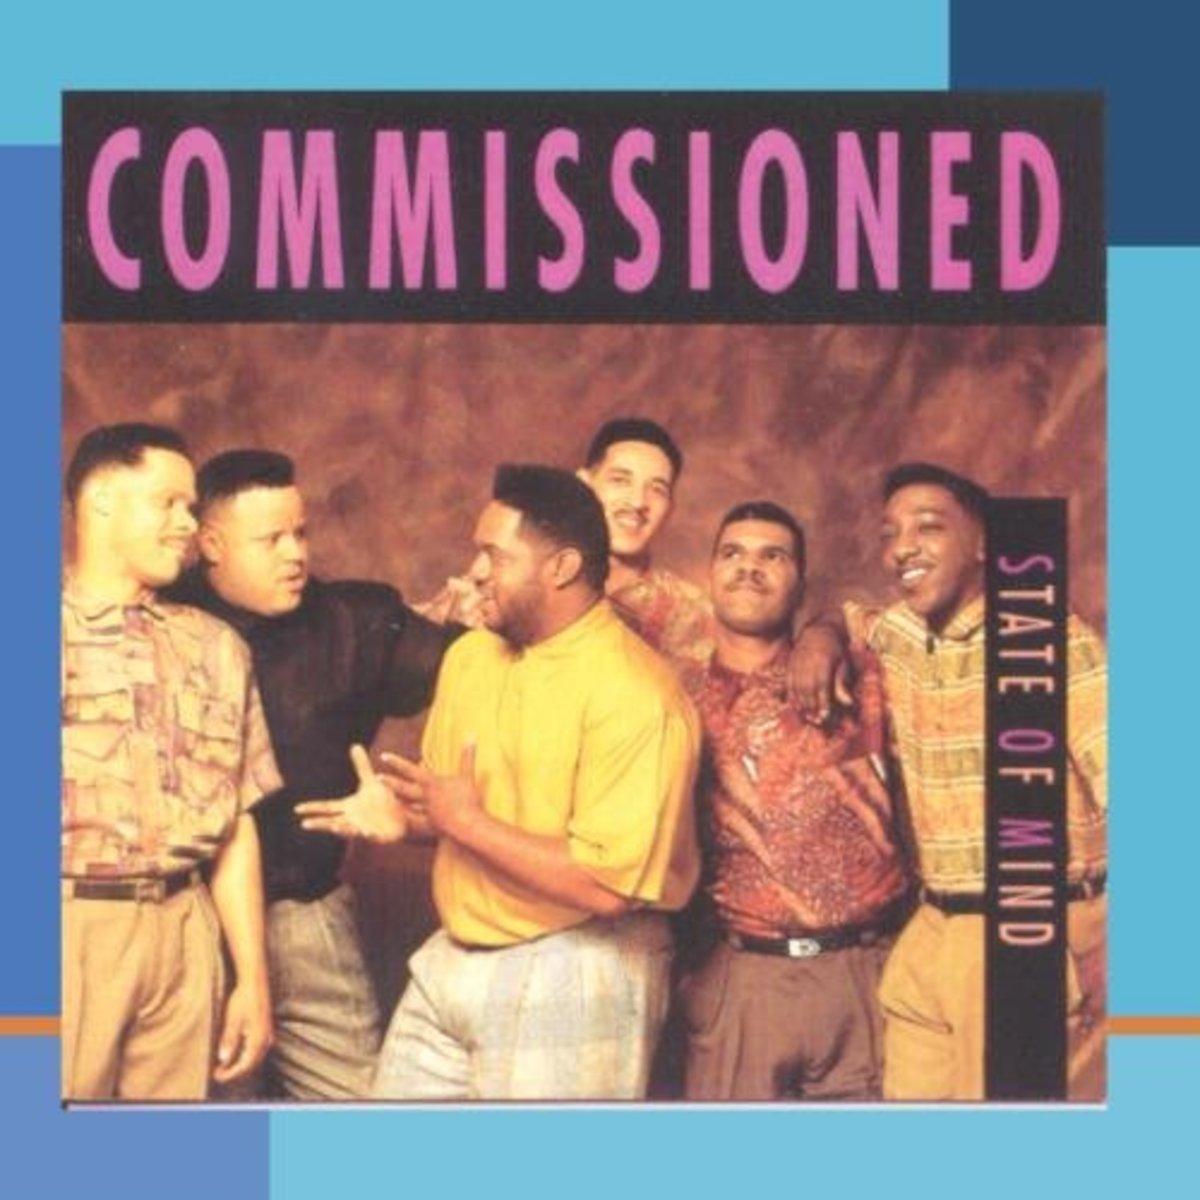 6th album Released: 1990